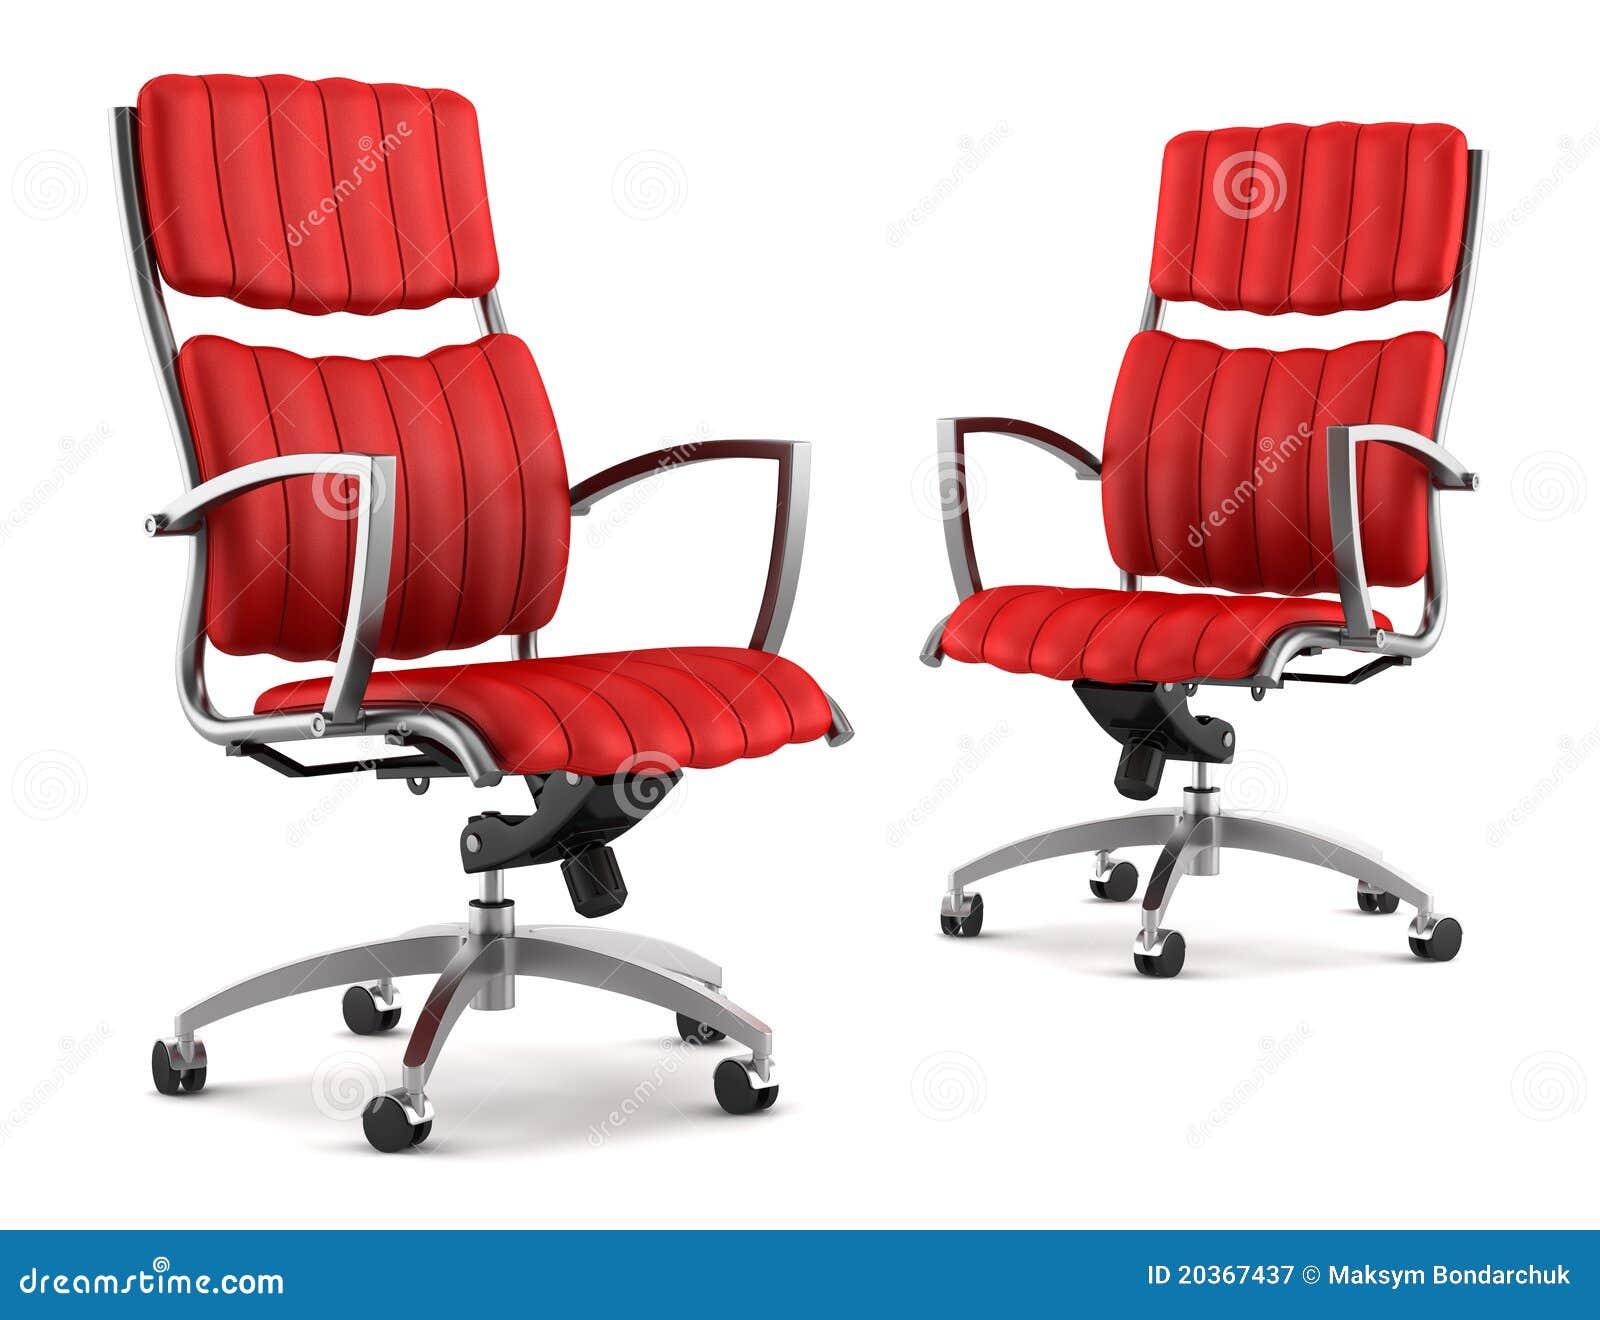 zwei moderne rote b rost hle getrennt auf wei lizenzfreie. Black Bedroom Furniture Sets. Home Design Ideas